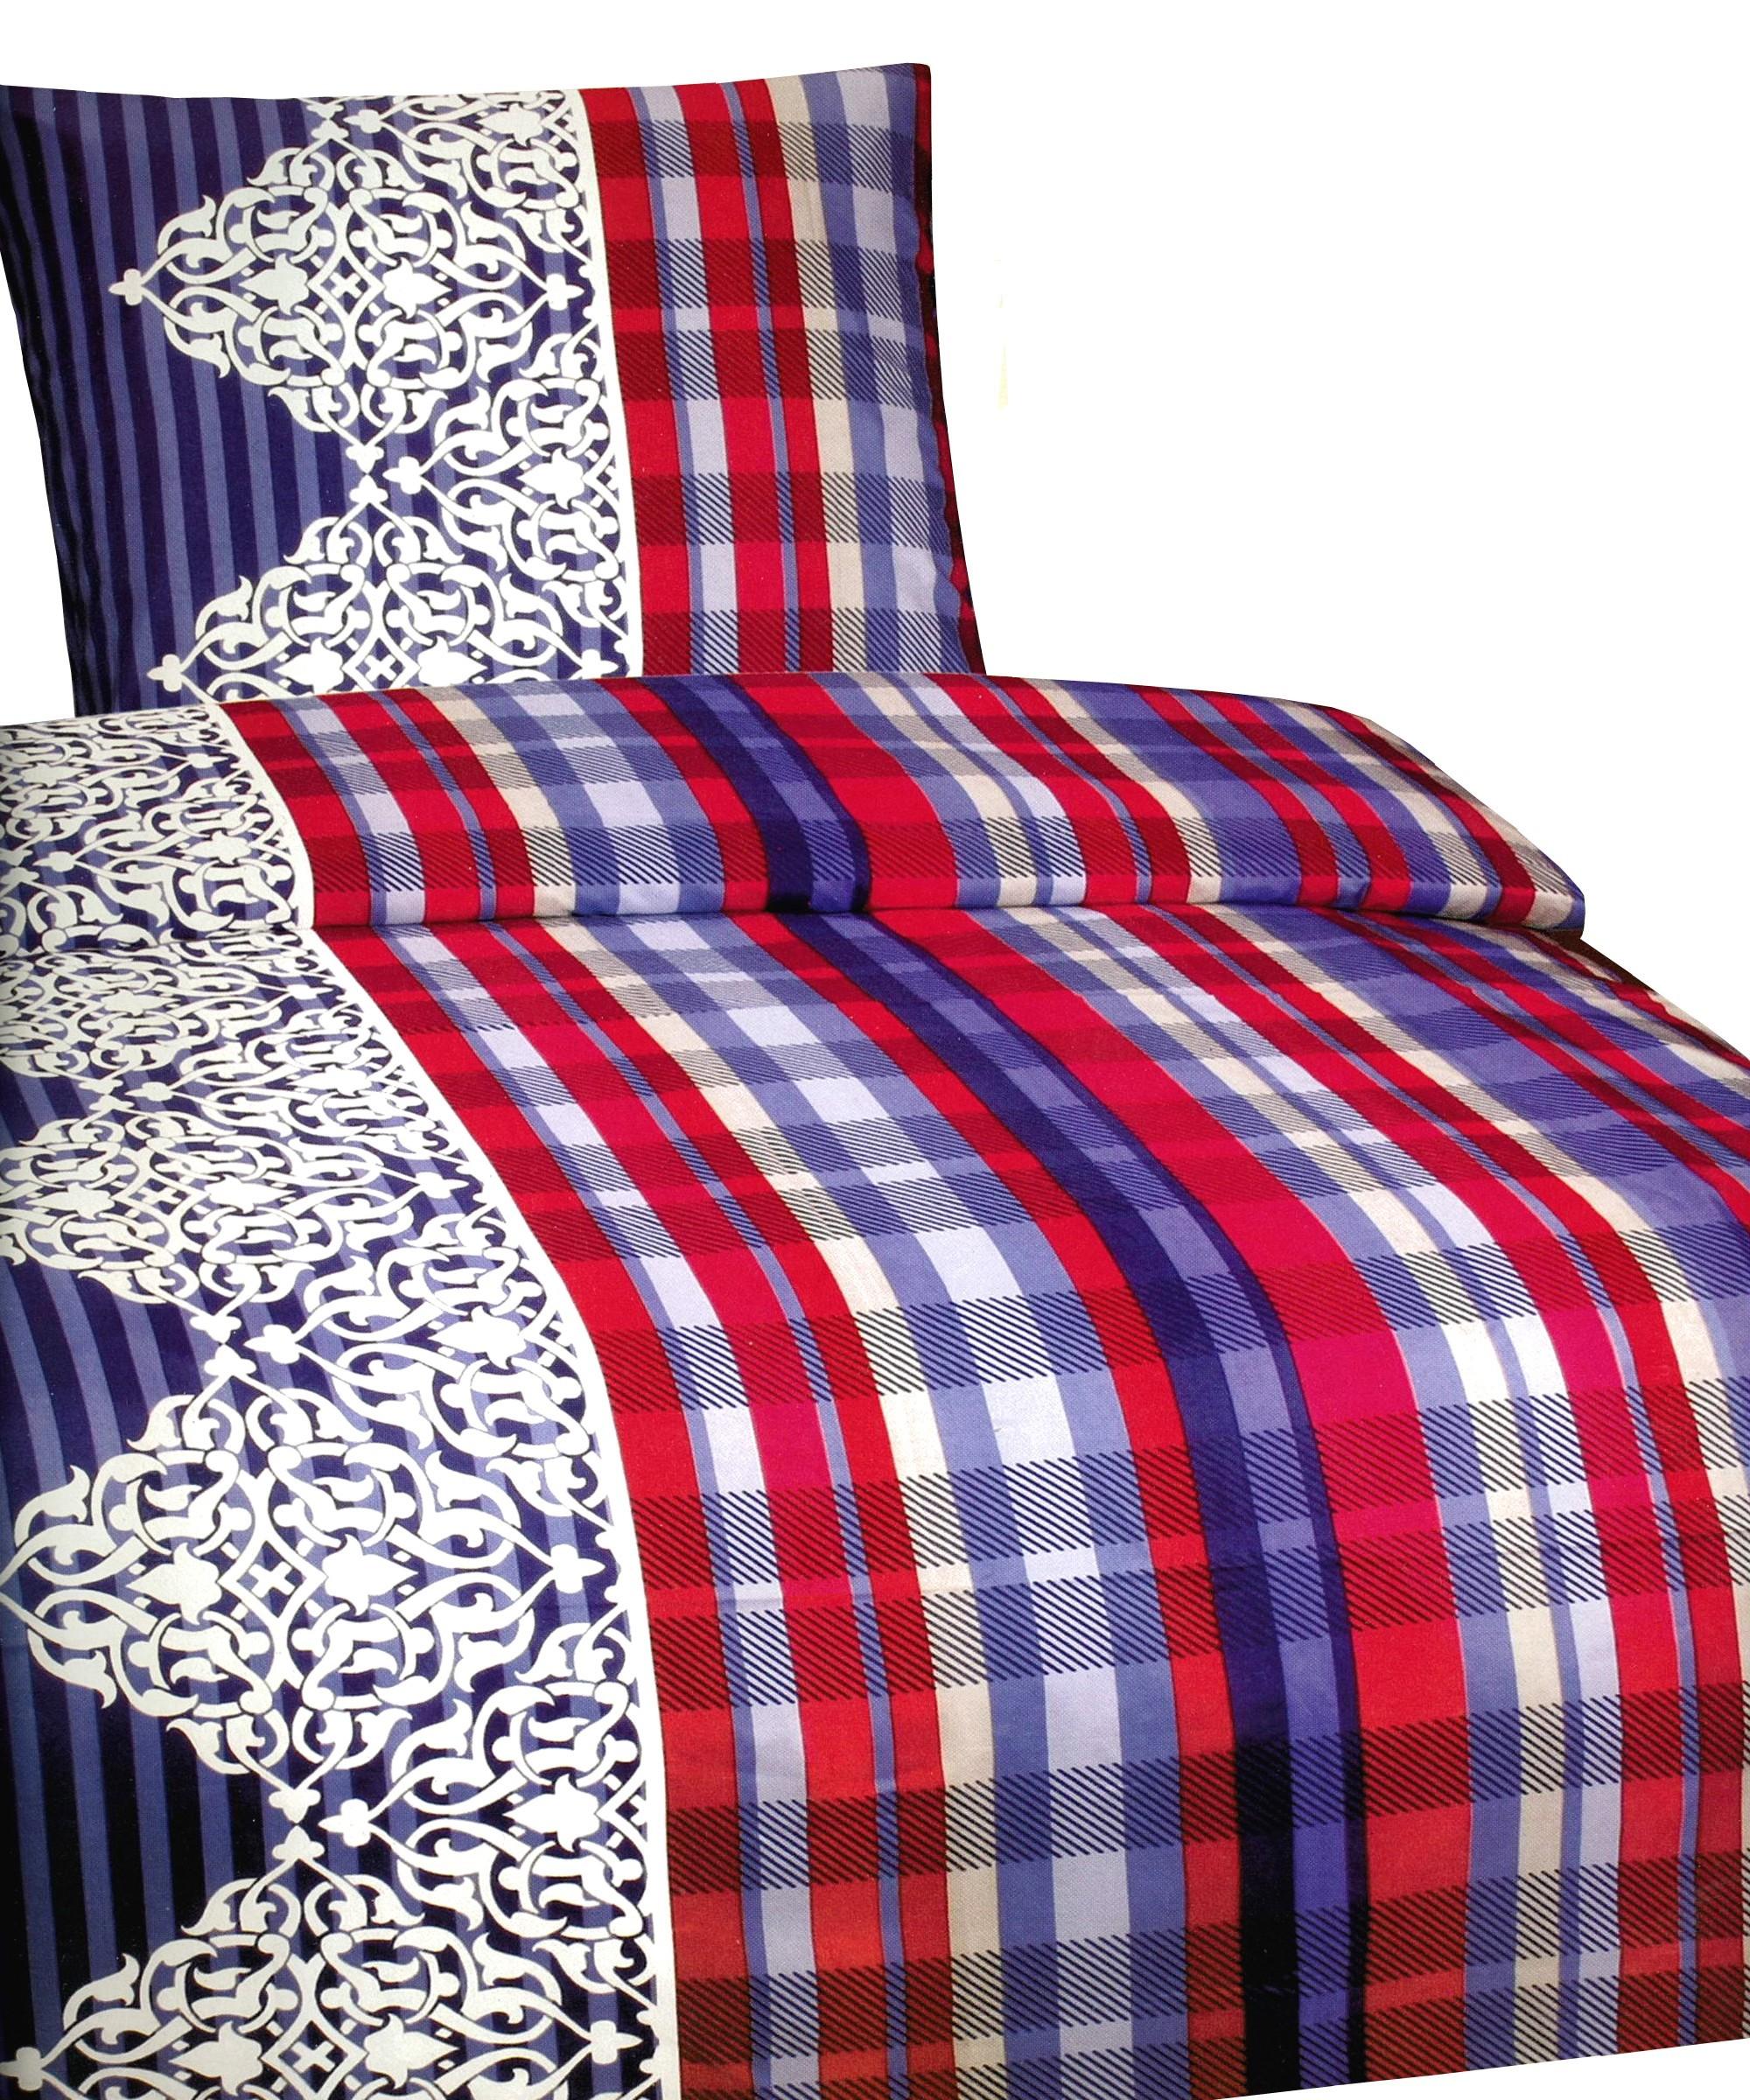 6 tlg bettw sche microfaser 135x200 cm blau rot kariert set mit bettlaken. Black Bedroom Furniture Sets. Home Design Ideas